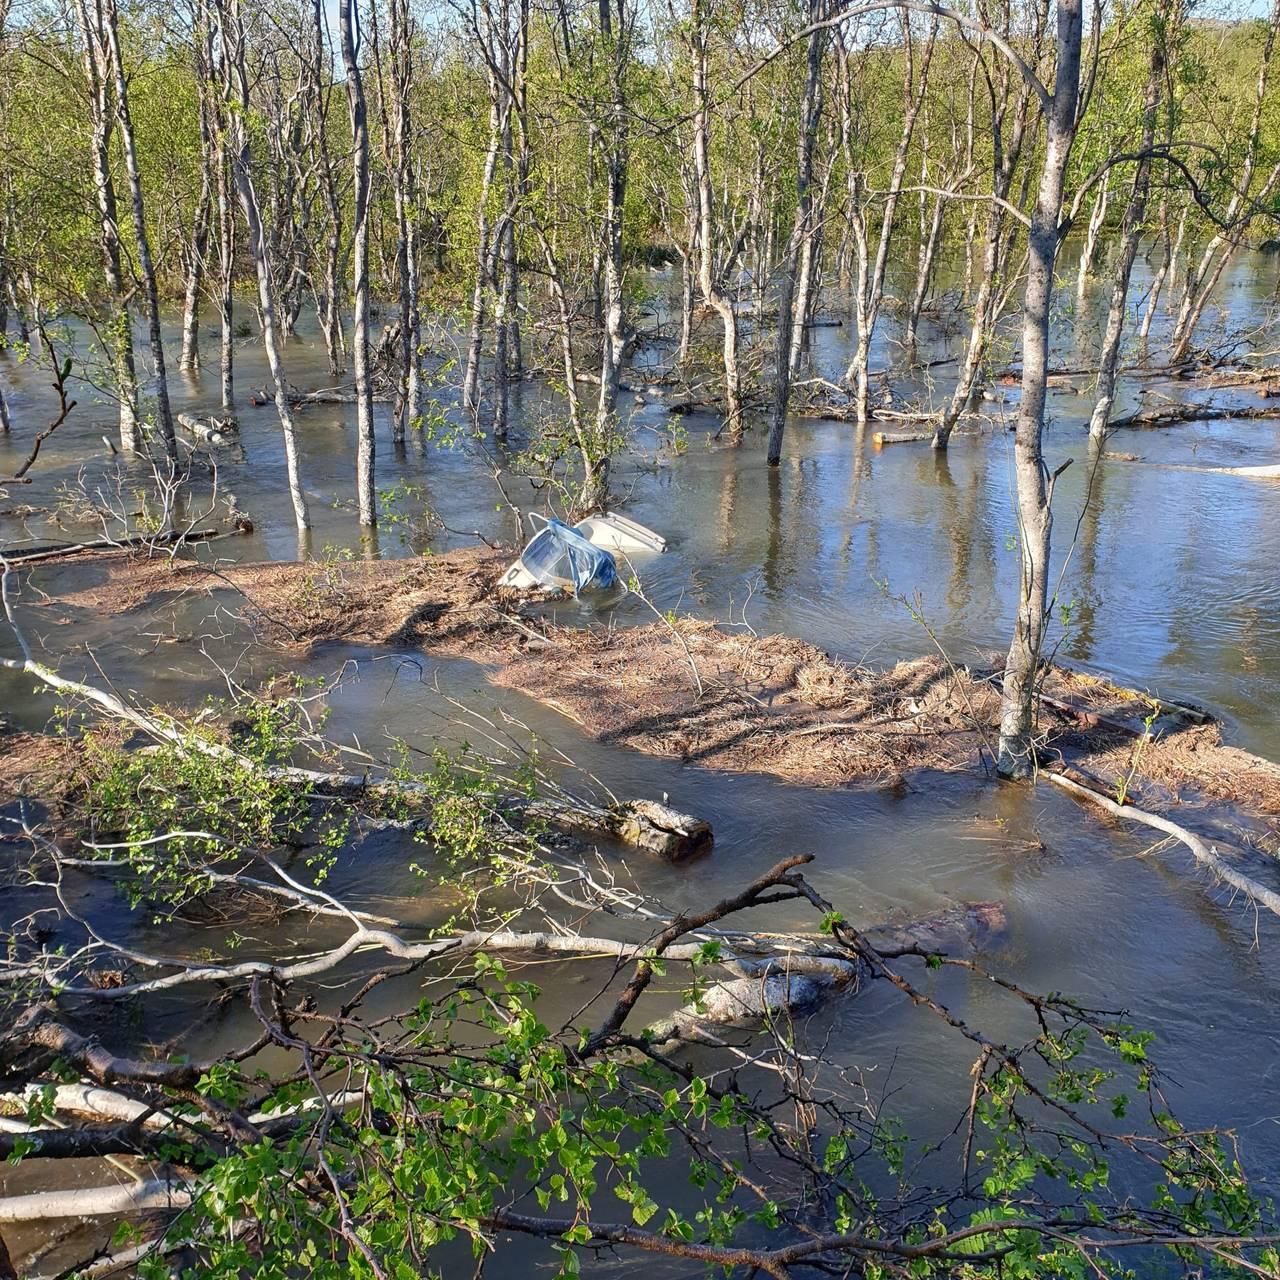 Klemetstadveien under vann, flom porsanger